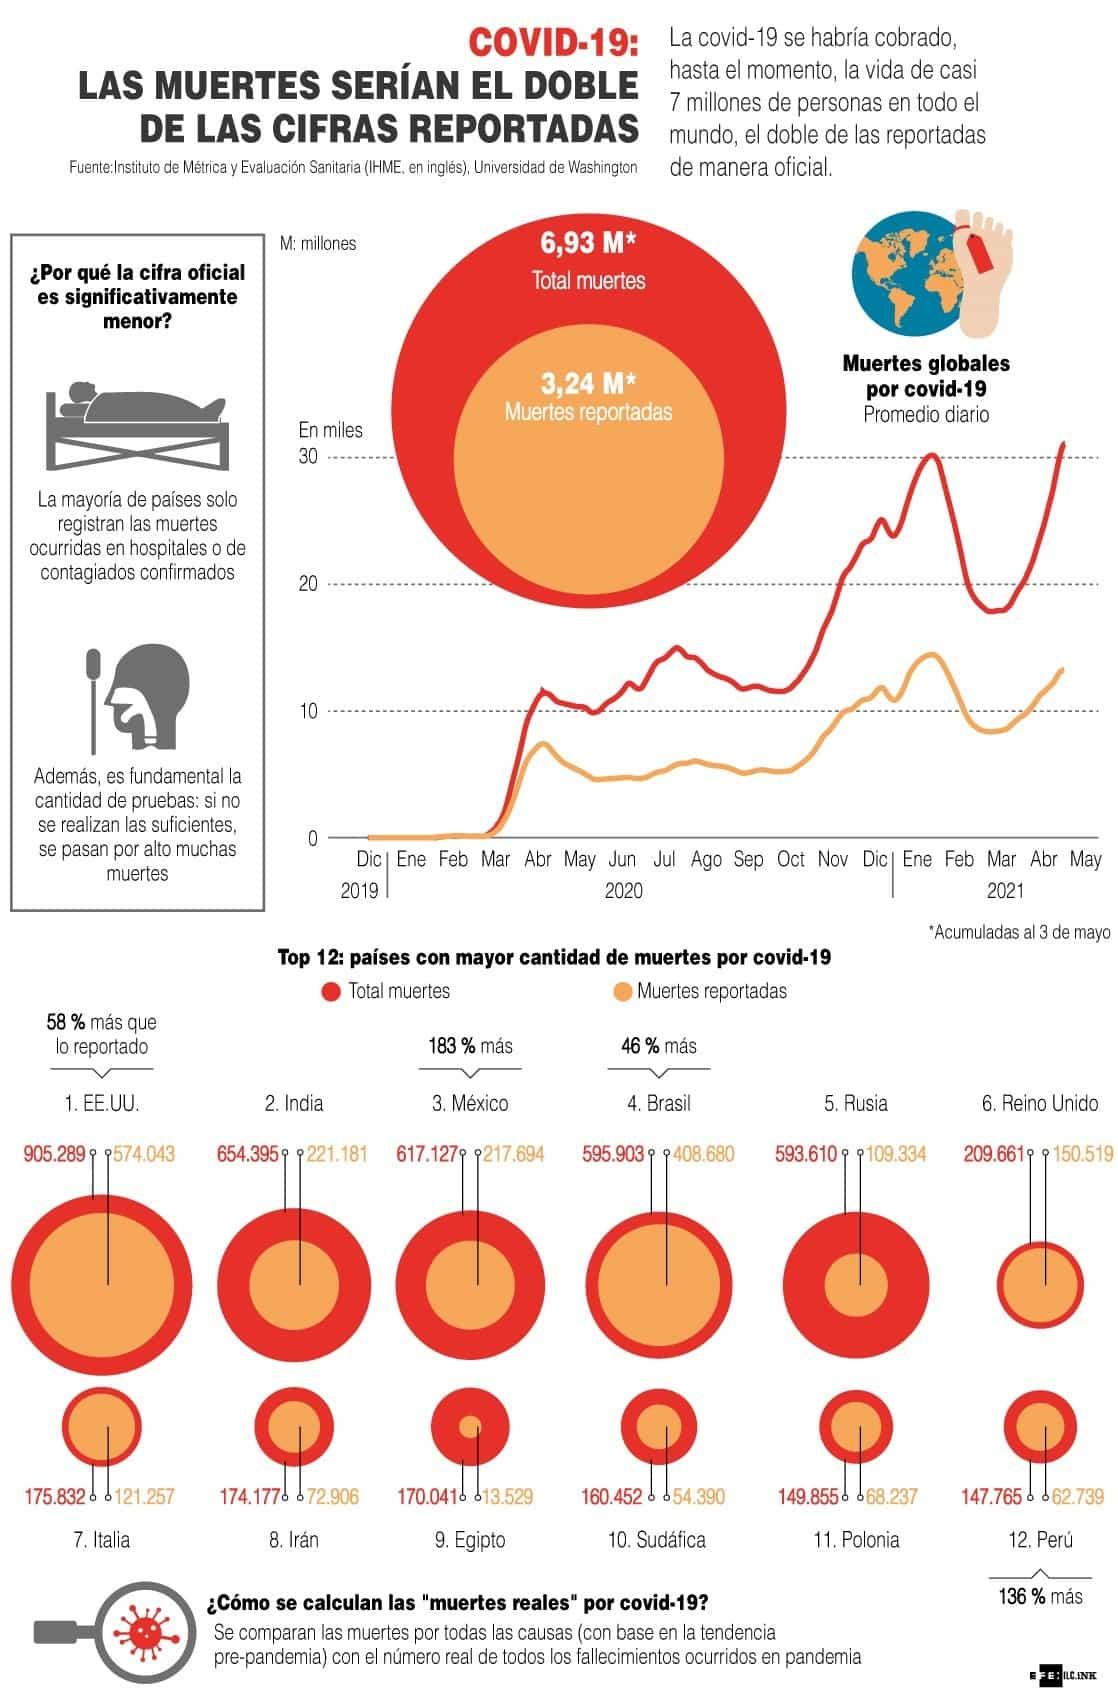 [Infografía] - Covid-19: Las muertes serían el doble de las cifras reportadas 1